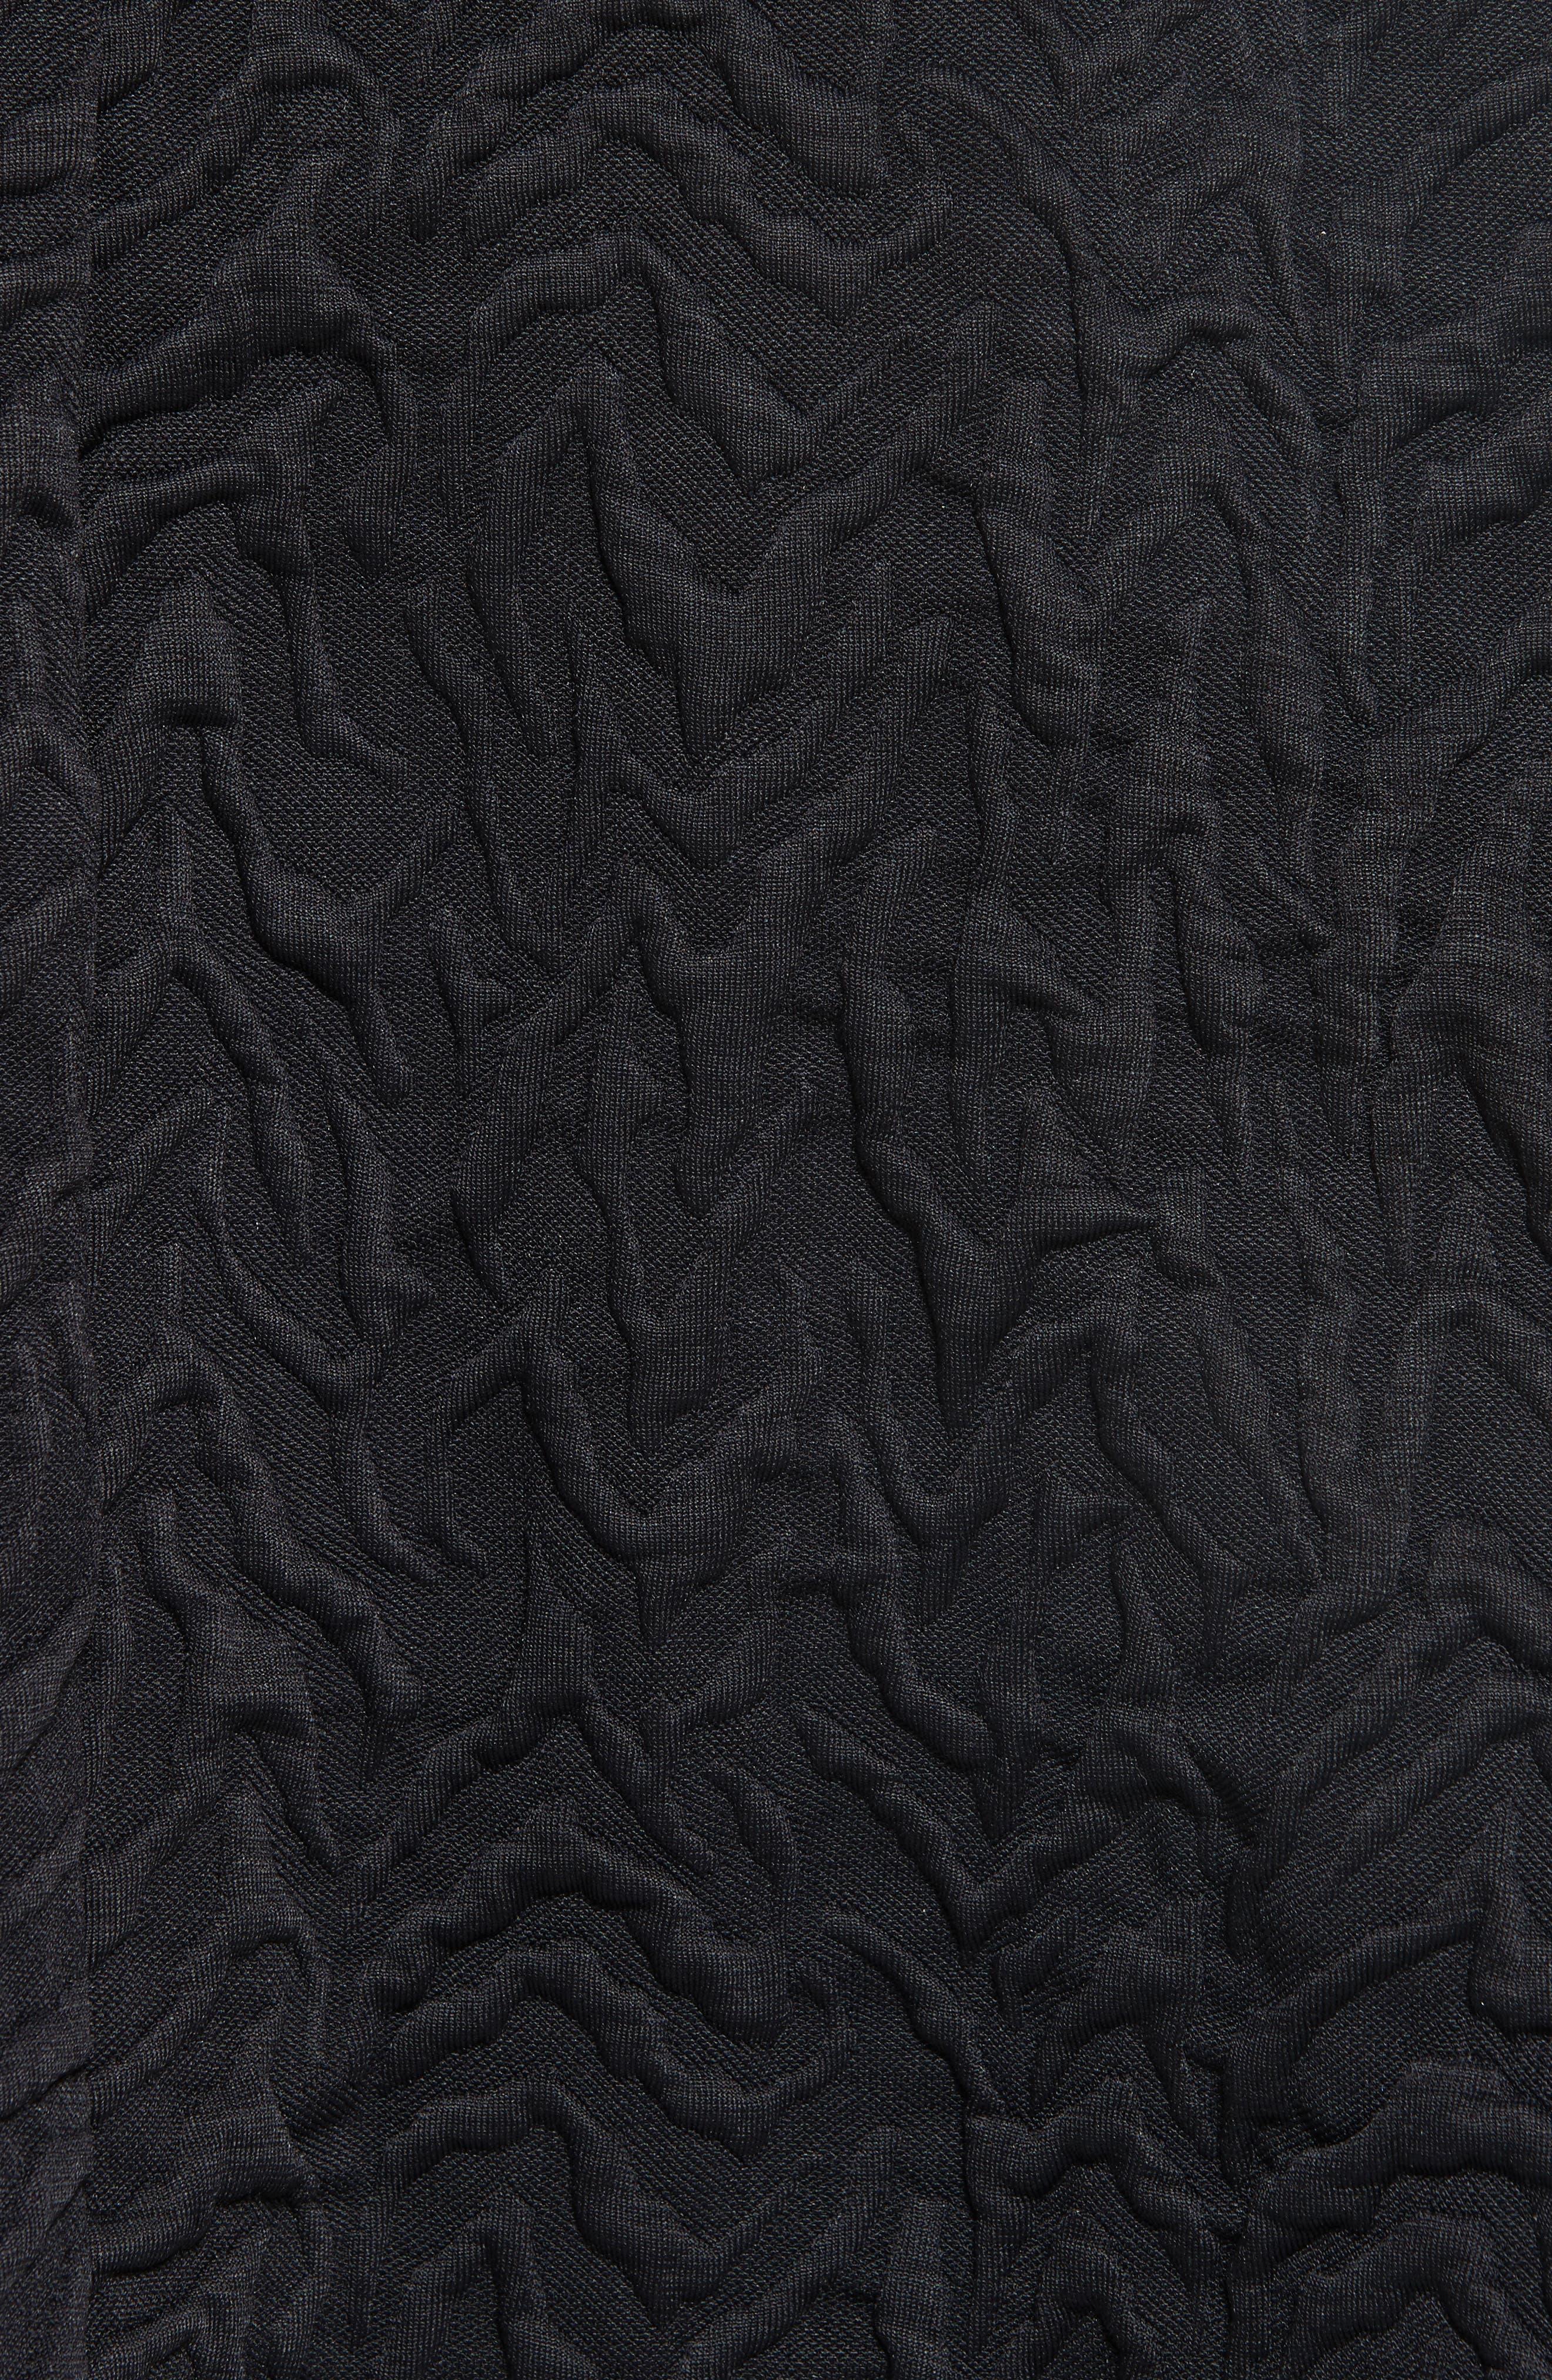 Desert Jacquard Flare Dress,                             Alternate thumbnail 5, color,                             001